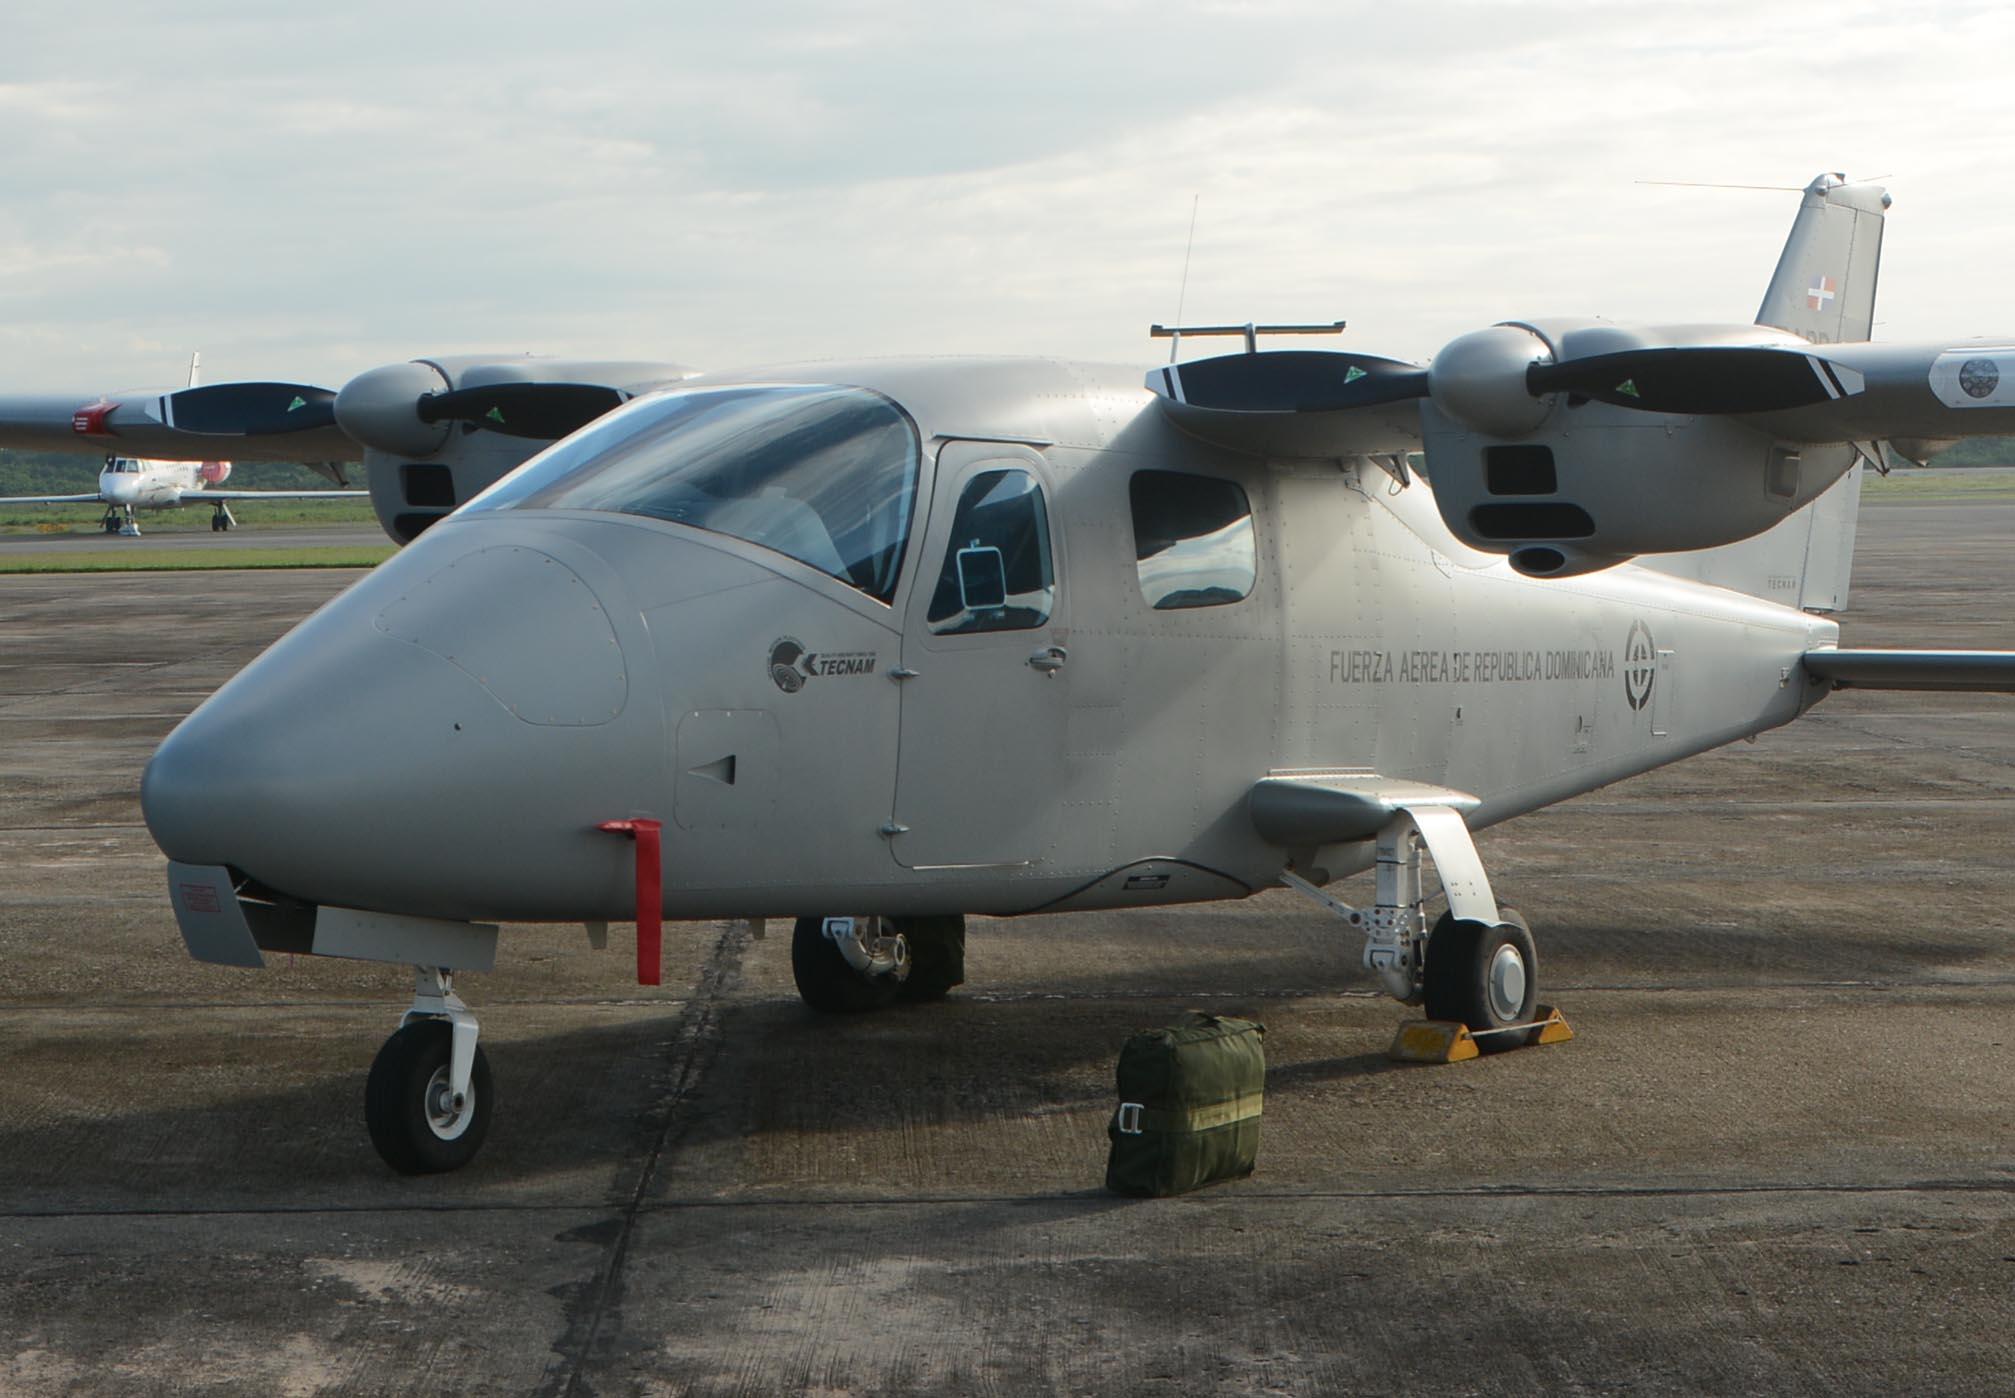 """Gobierno compra otro avión """"anti drogas"""", ahora con al aval europeo y de EE.UU y por menos de un millón de dóllares."""